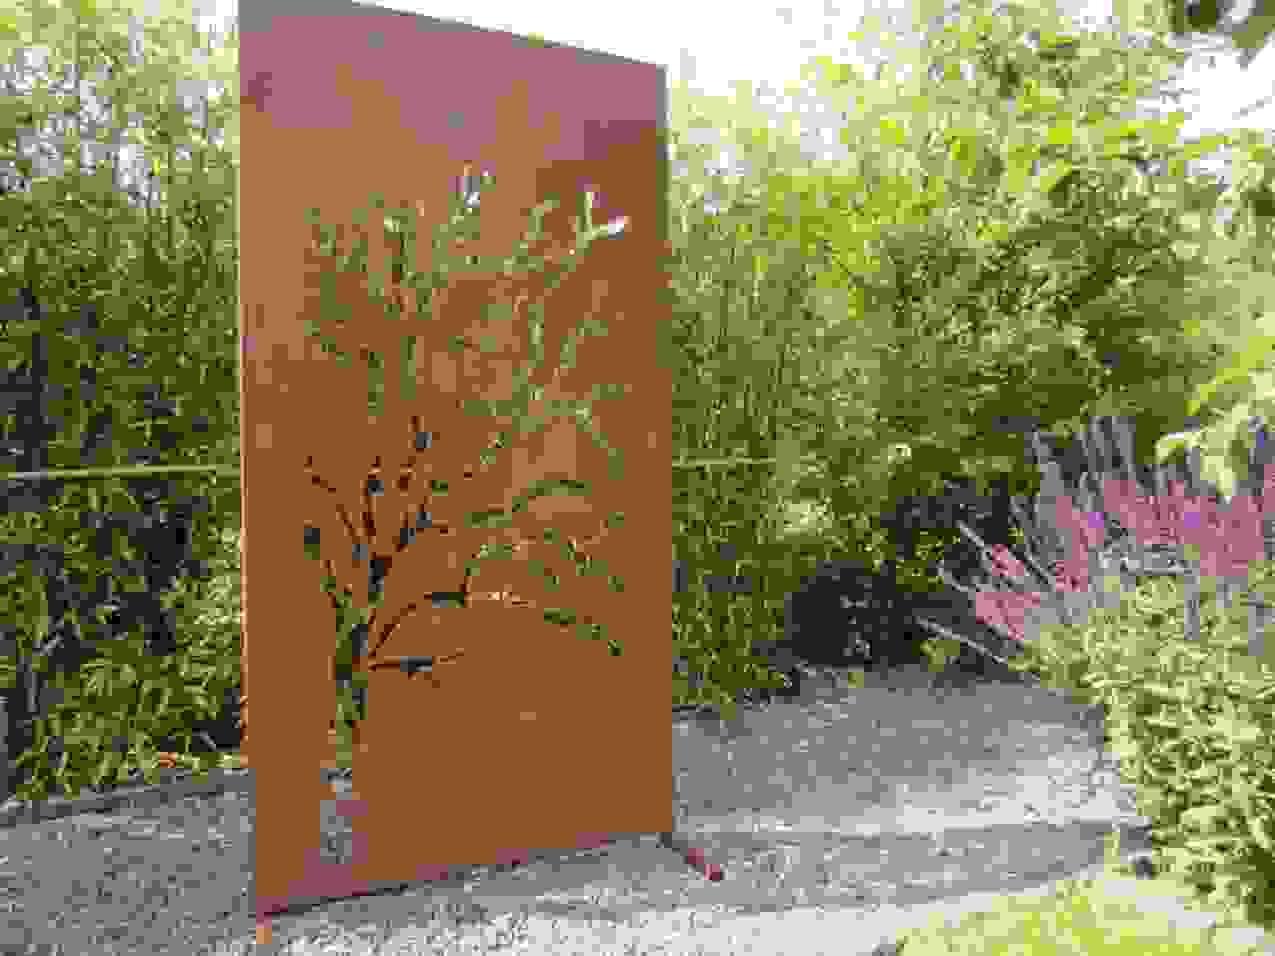 Garten Im Quadrat Ist Frisch Design Von Sichtschutz Metall Rost von Sichtschutz Garten Metall Rost Photo